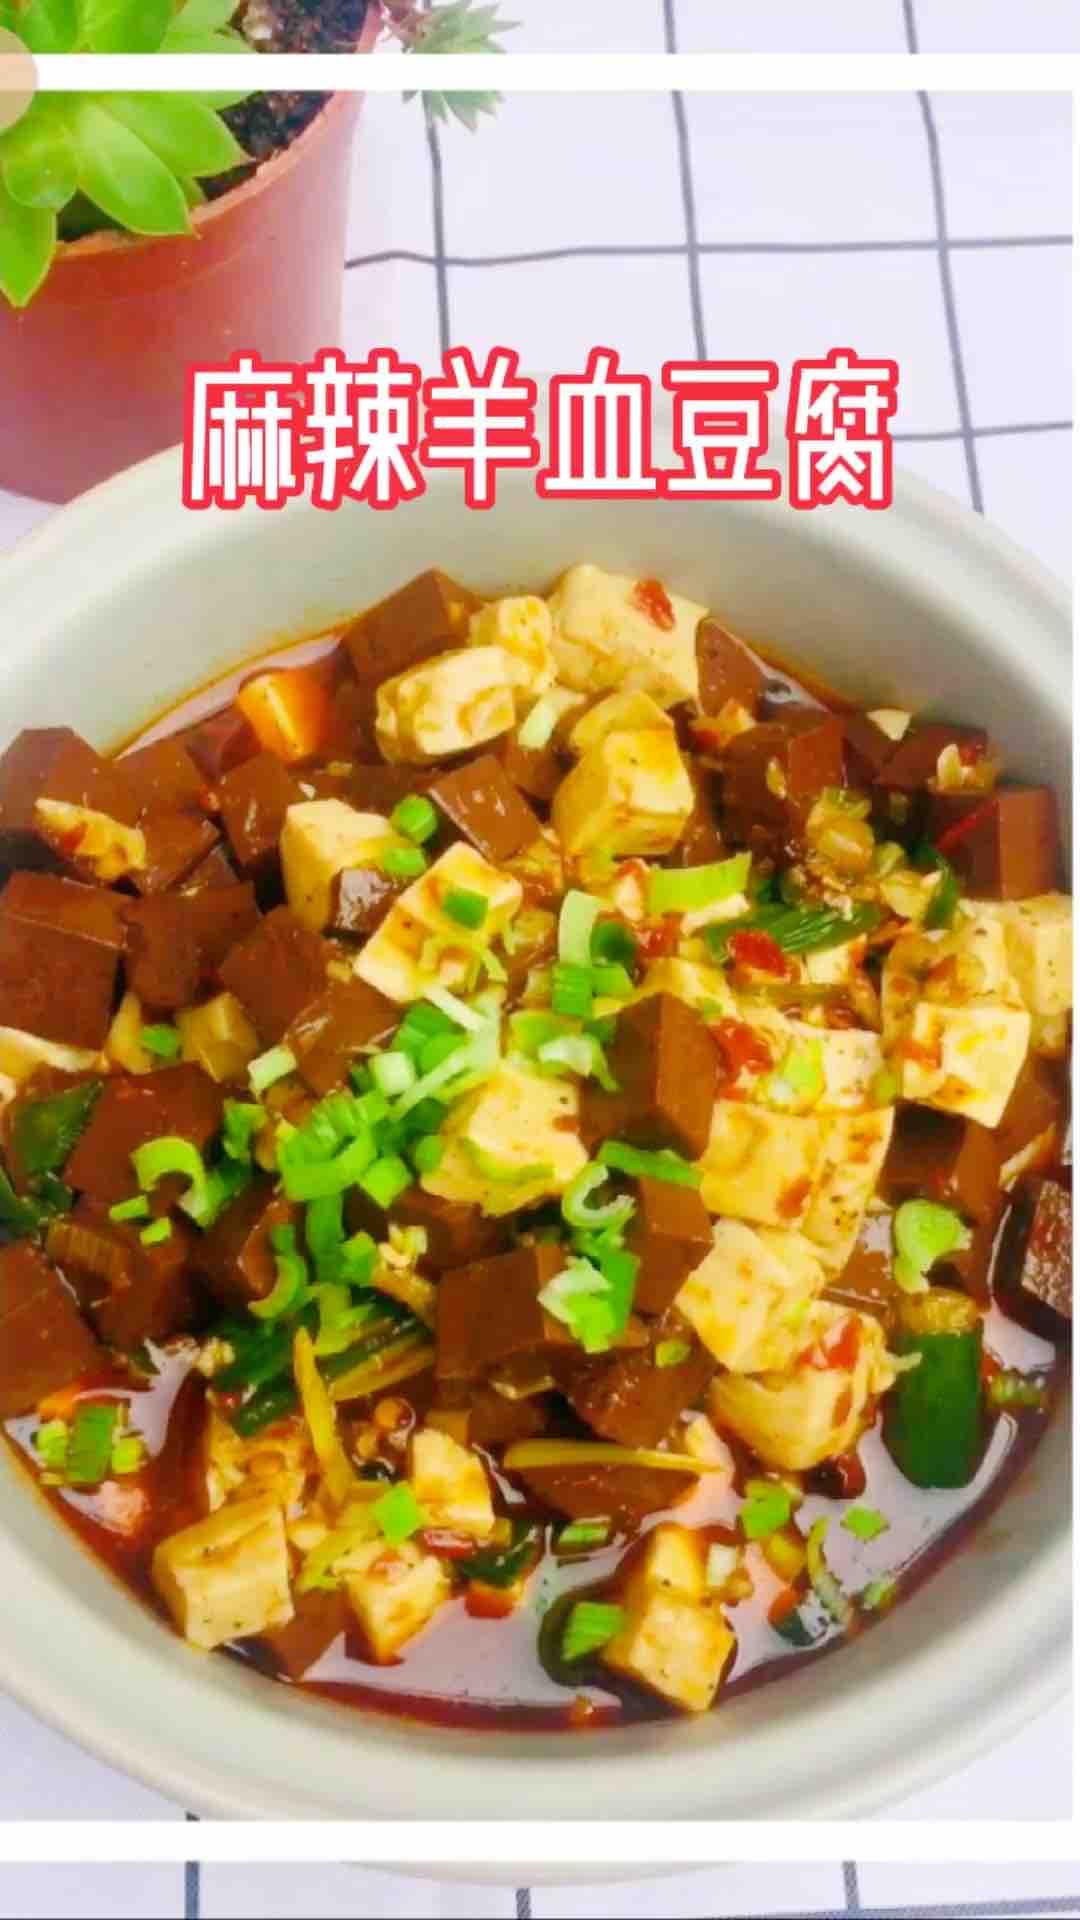 #豆腐的神仙做法#麻辣羊血豆腐